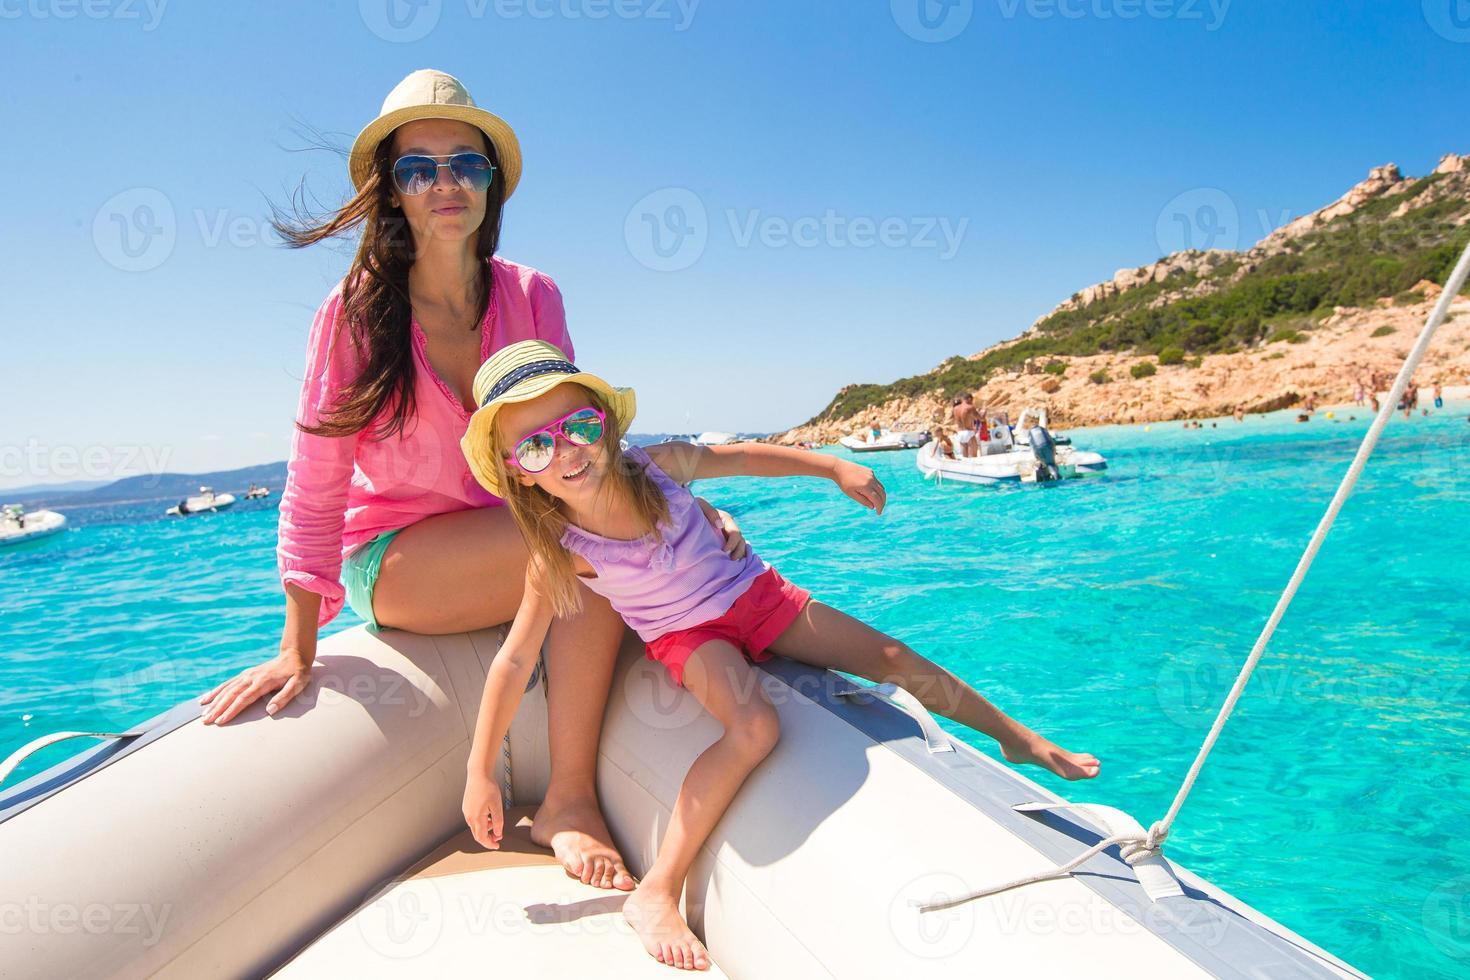 ung mamma med bedårande dotter njuter av semester på båt foto